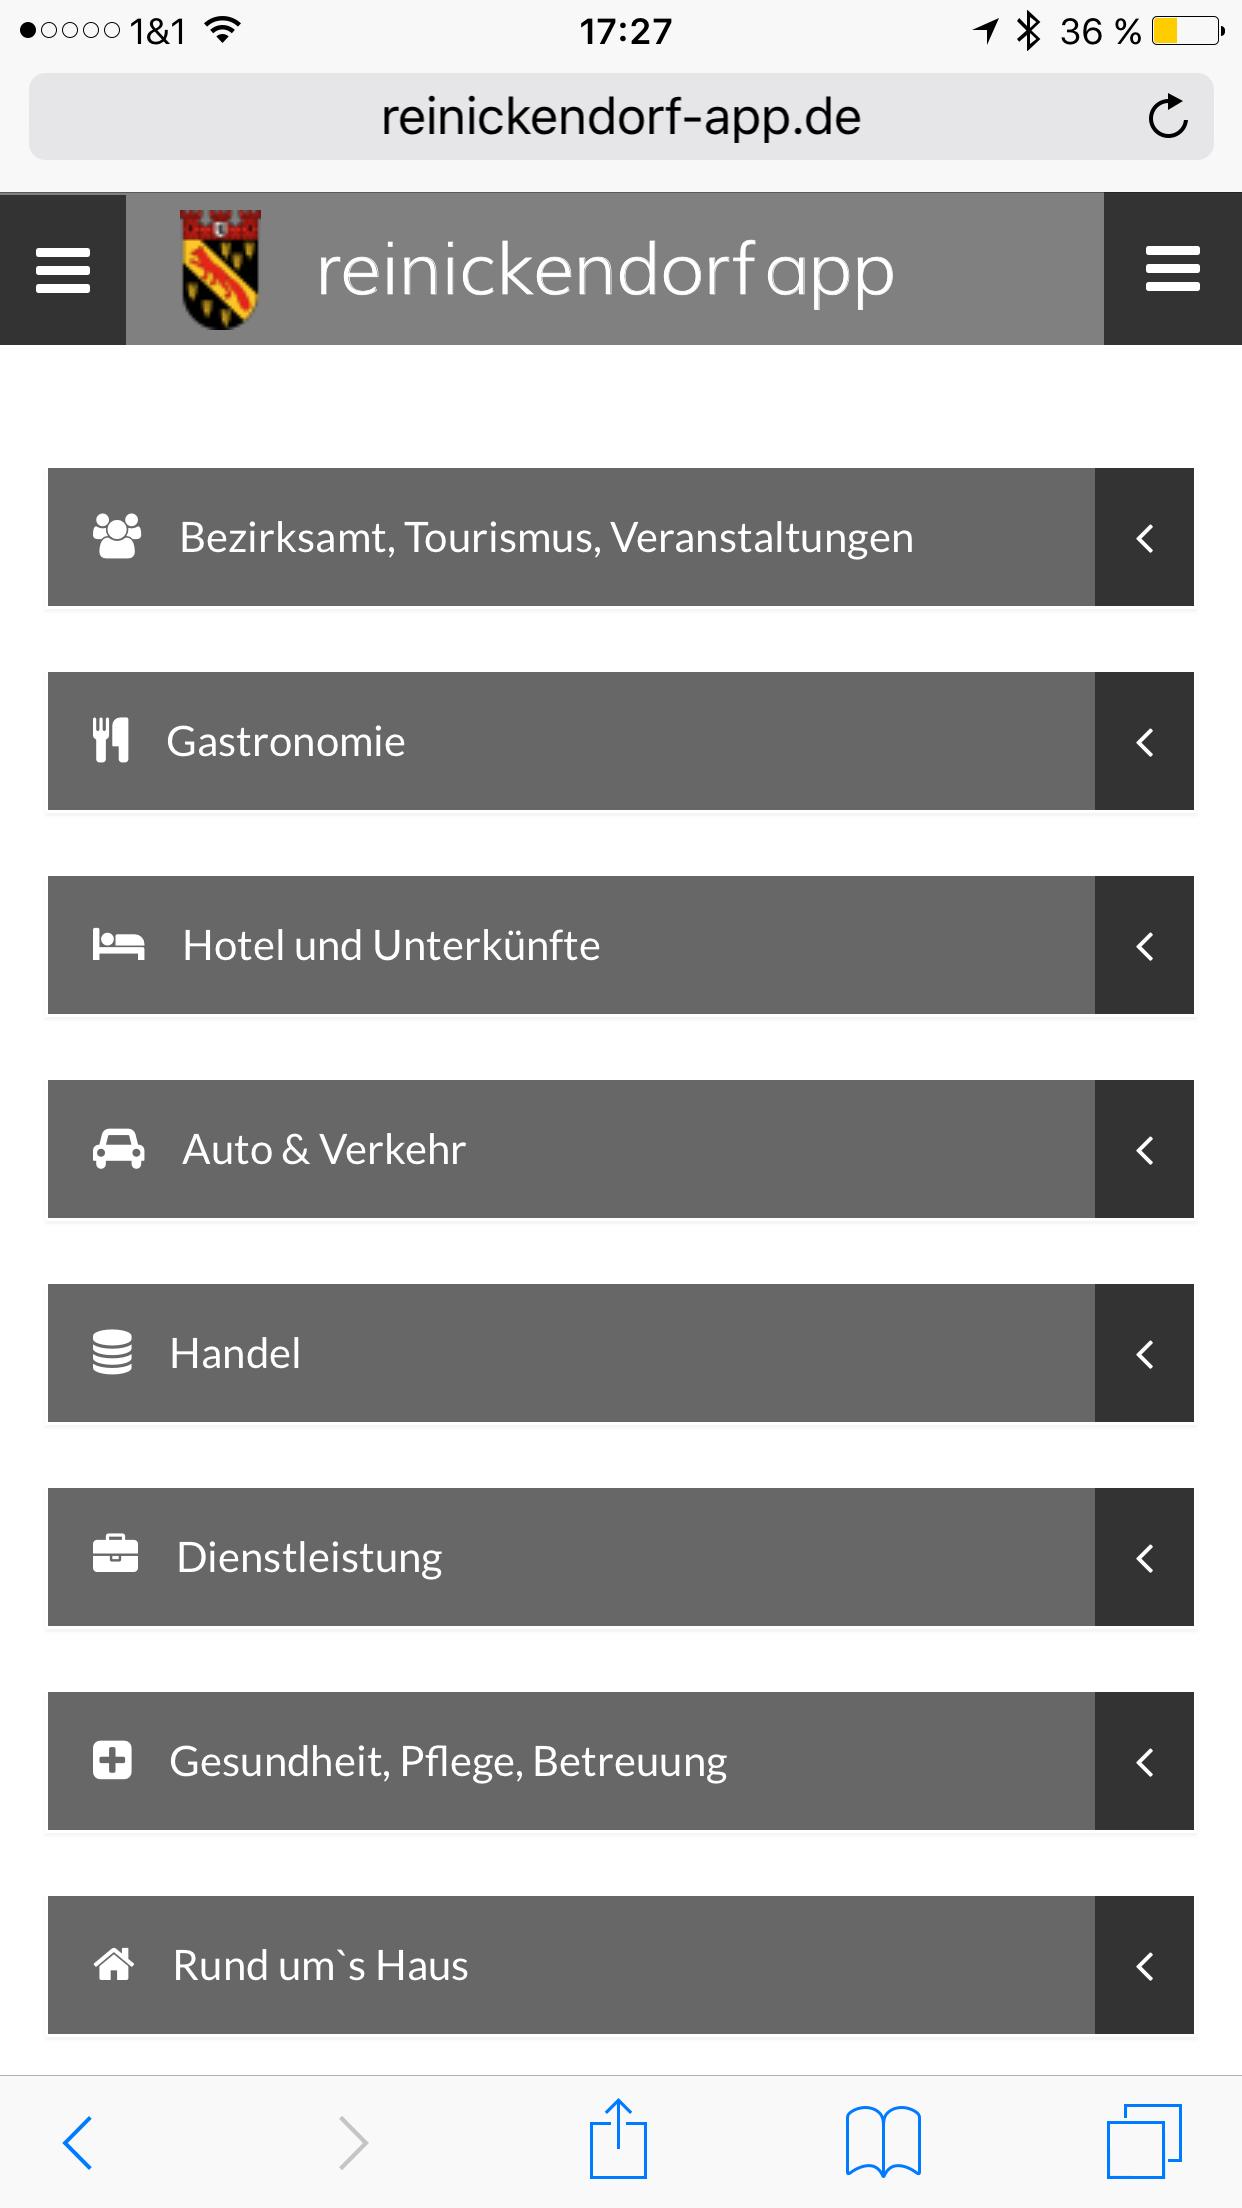 Reinickendorf App - Startseite